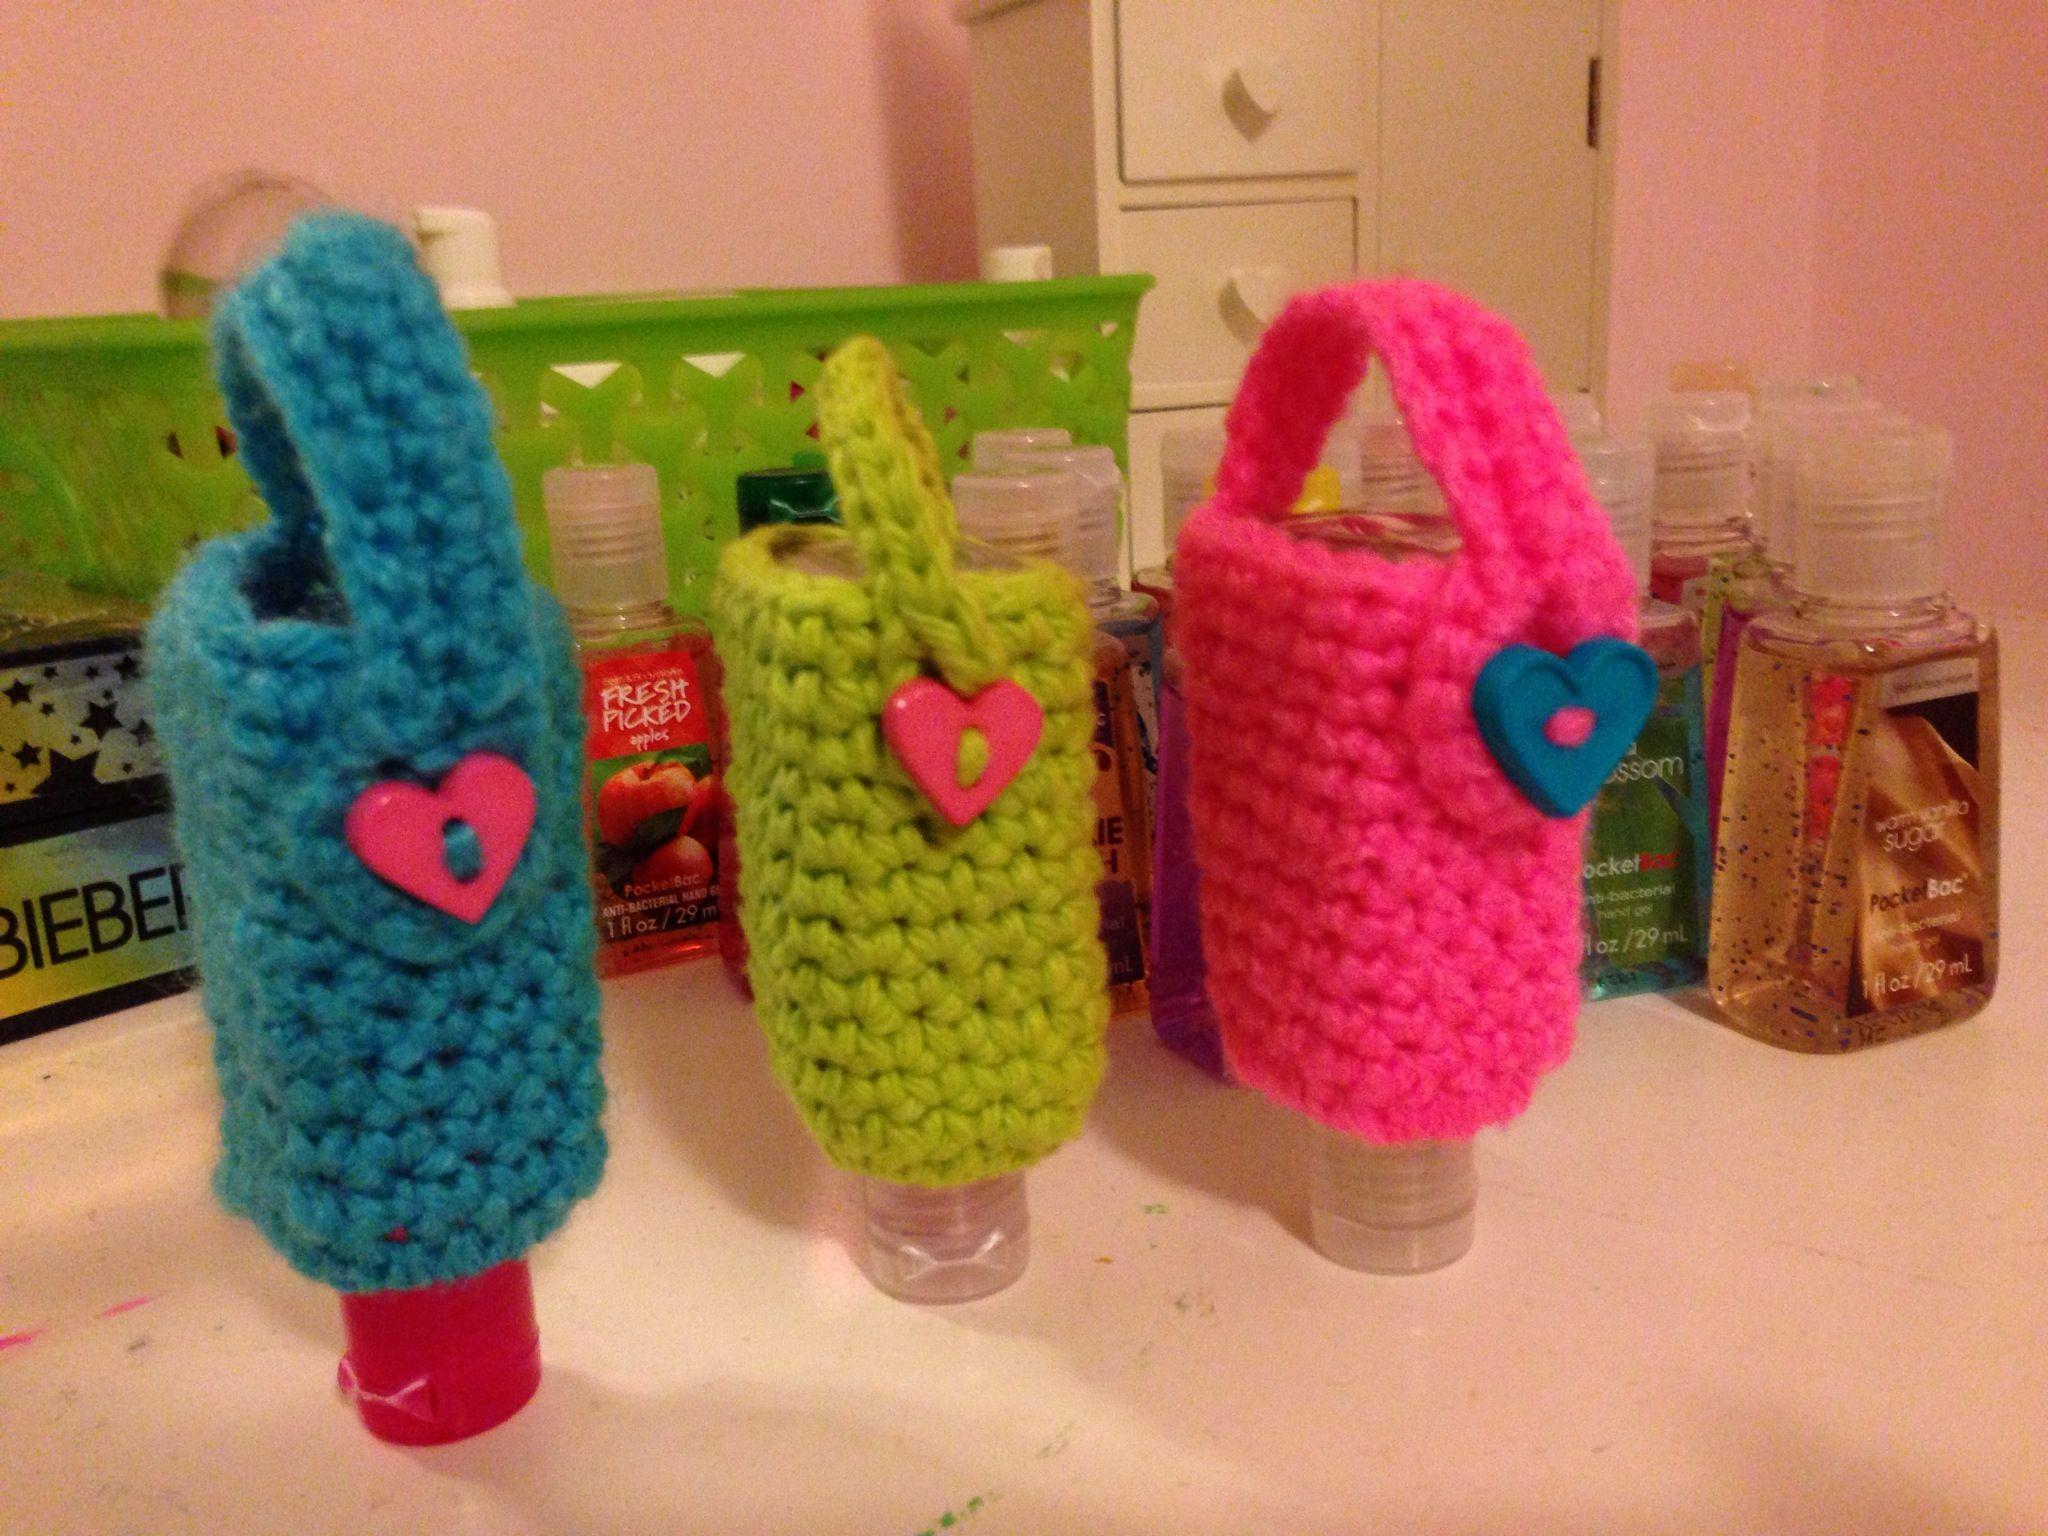 Crochet Hand Sanitizer Holder Hand Sanitizer Holder Crochet